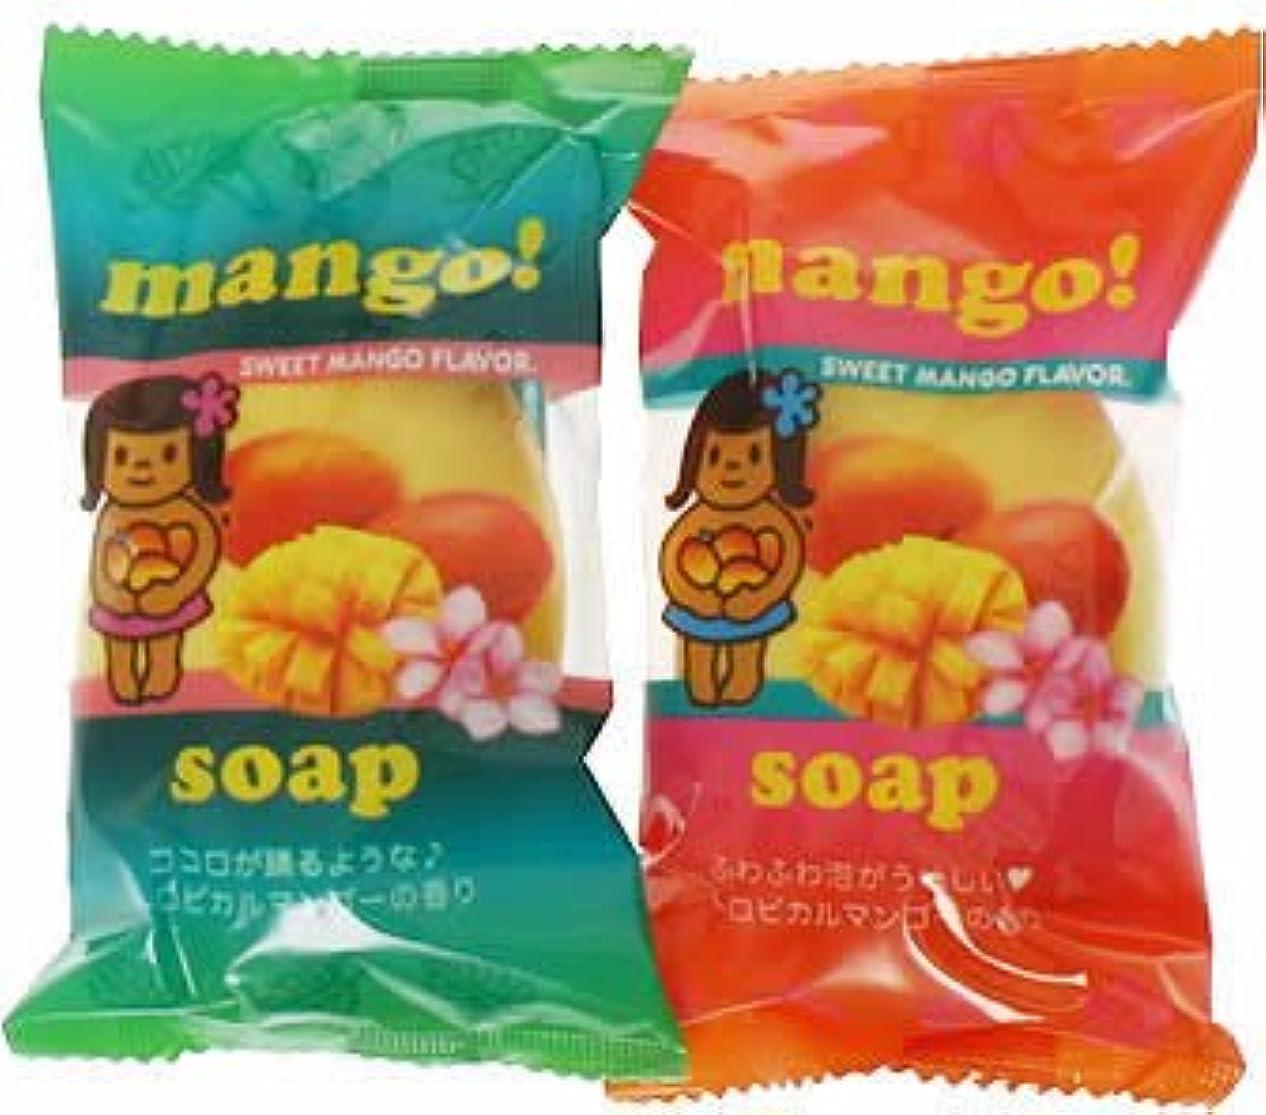 悲しいことにグラフ侵入するフルーツマーケットソープ マンゴー (70g*2個入)